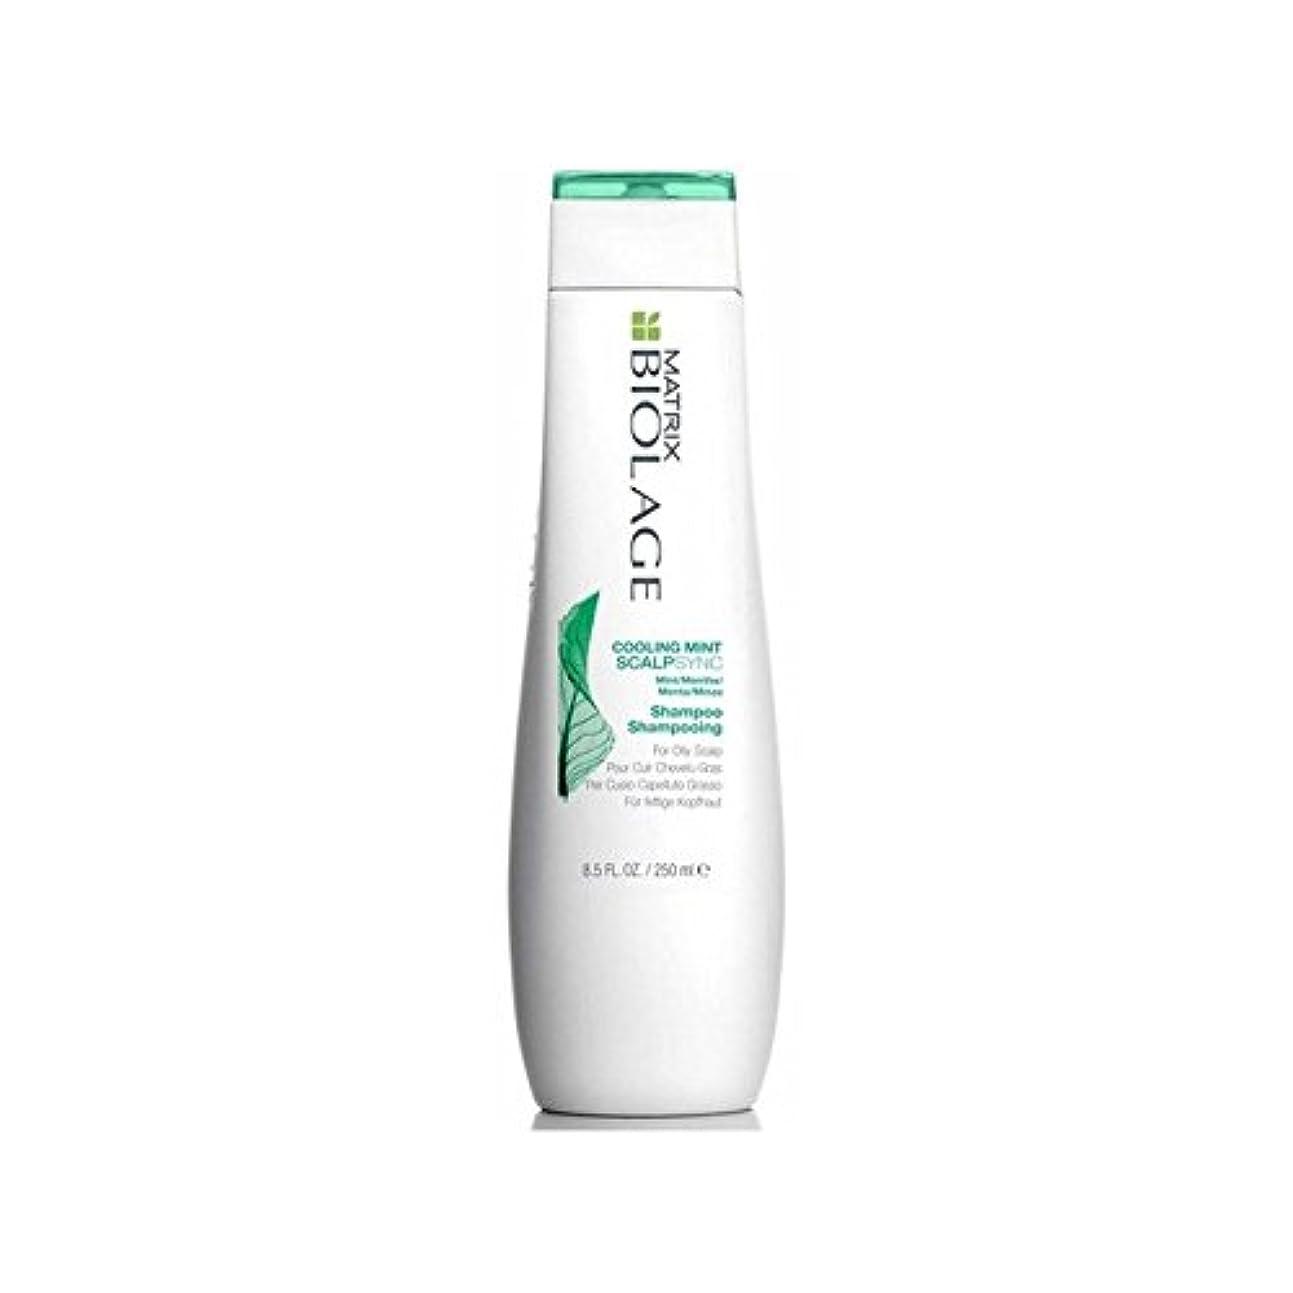 雷雨ペリスコープ痴漢Matrix Biolage Scalptherapie Scalp Cooling Mint Shampoo (250ml) - ミントシャンプー(250ミリリットル)を冷却マトリックスバイオレイジの頭皮 [並行輸入品]